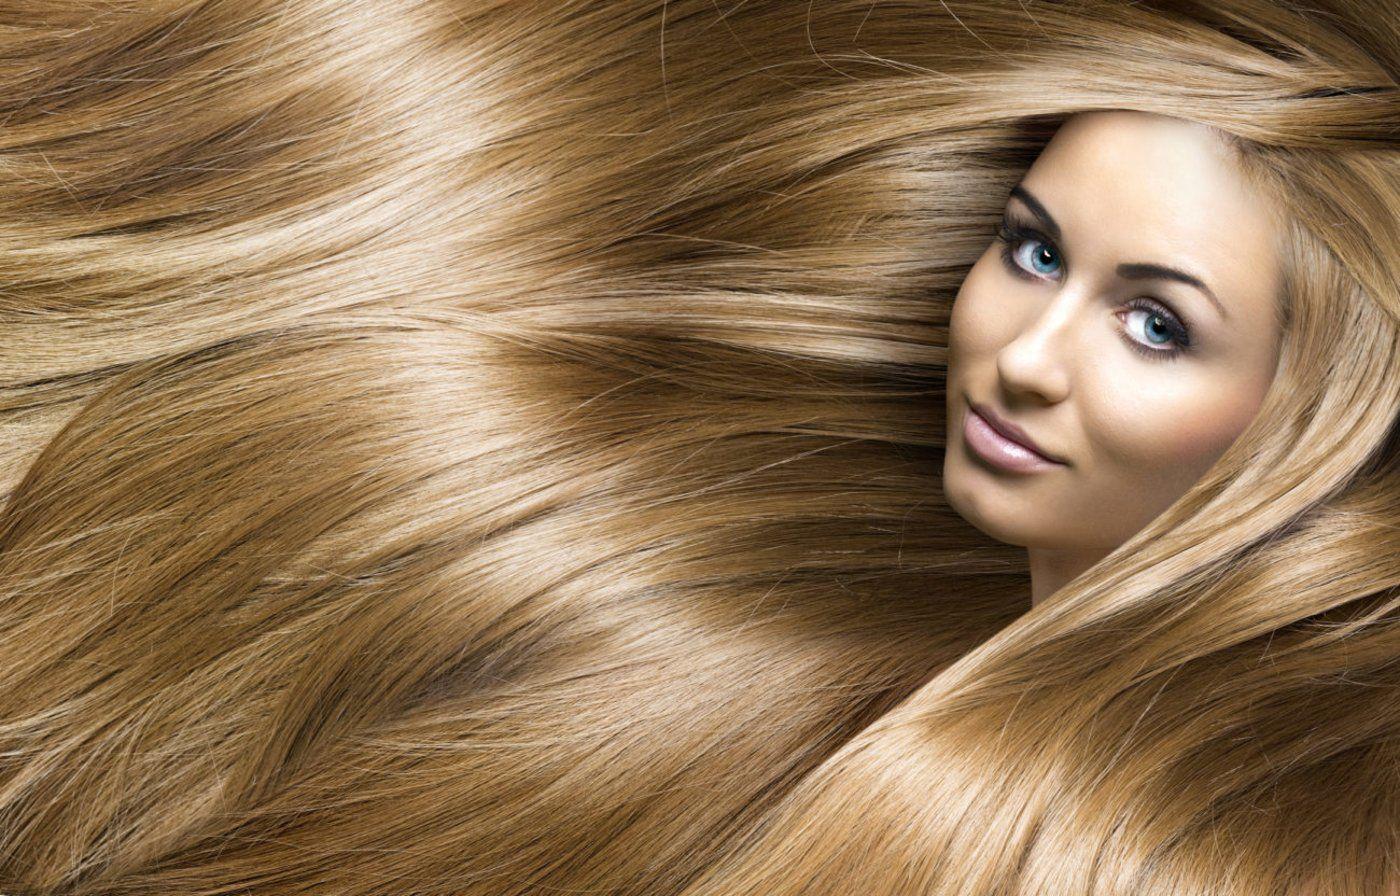 Haare Laminieren So Gehts Richtig Haare Und Beauty Pinterest